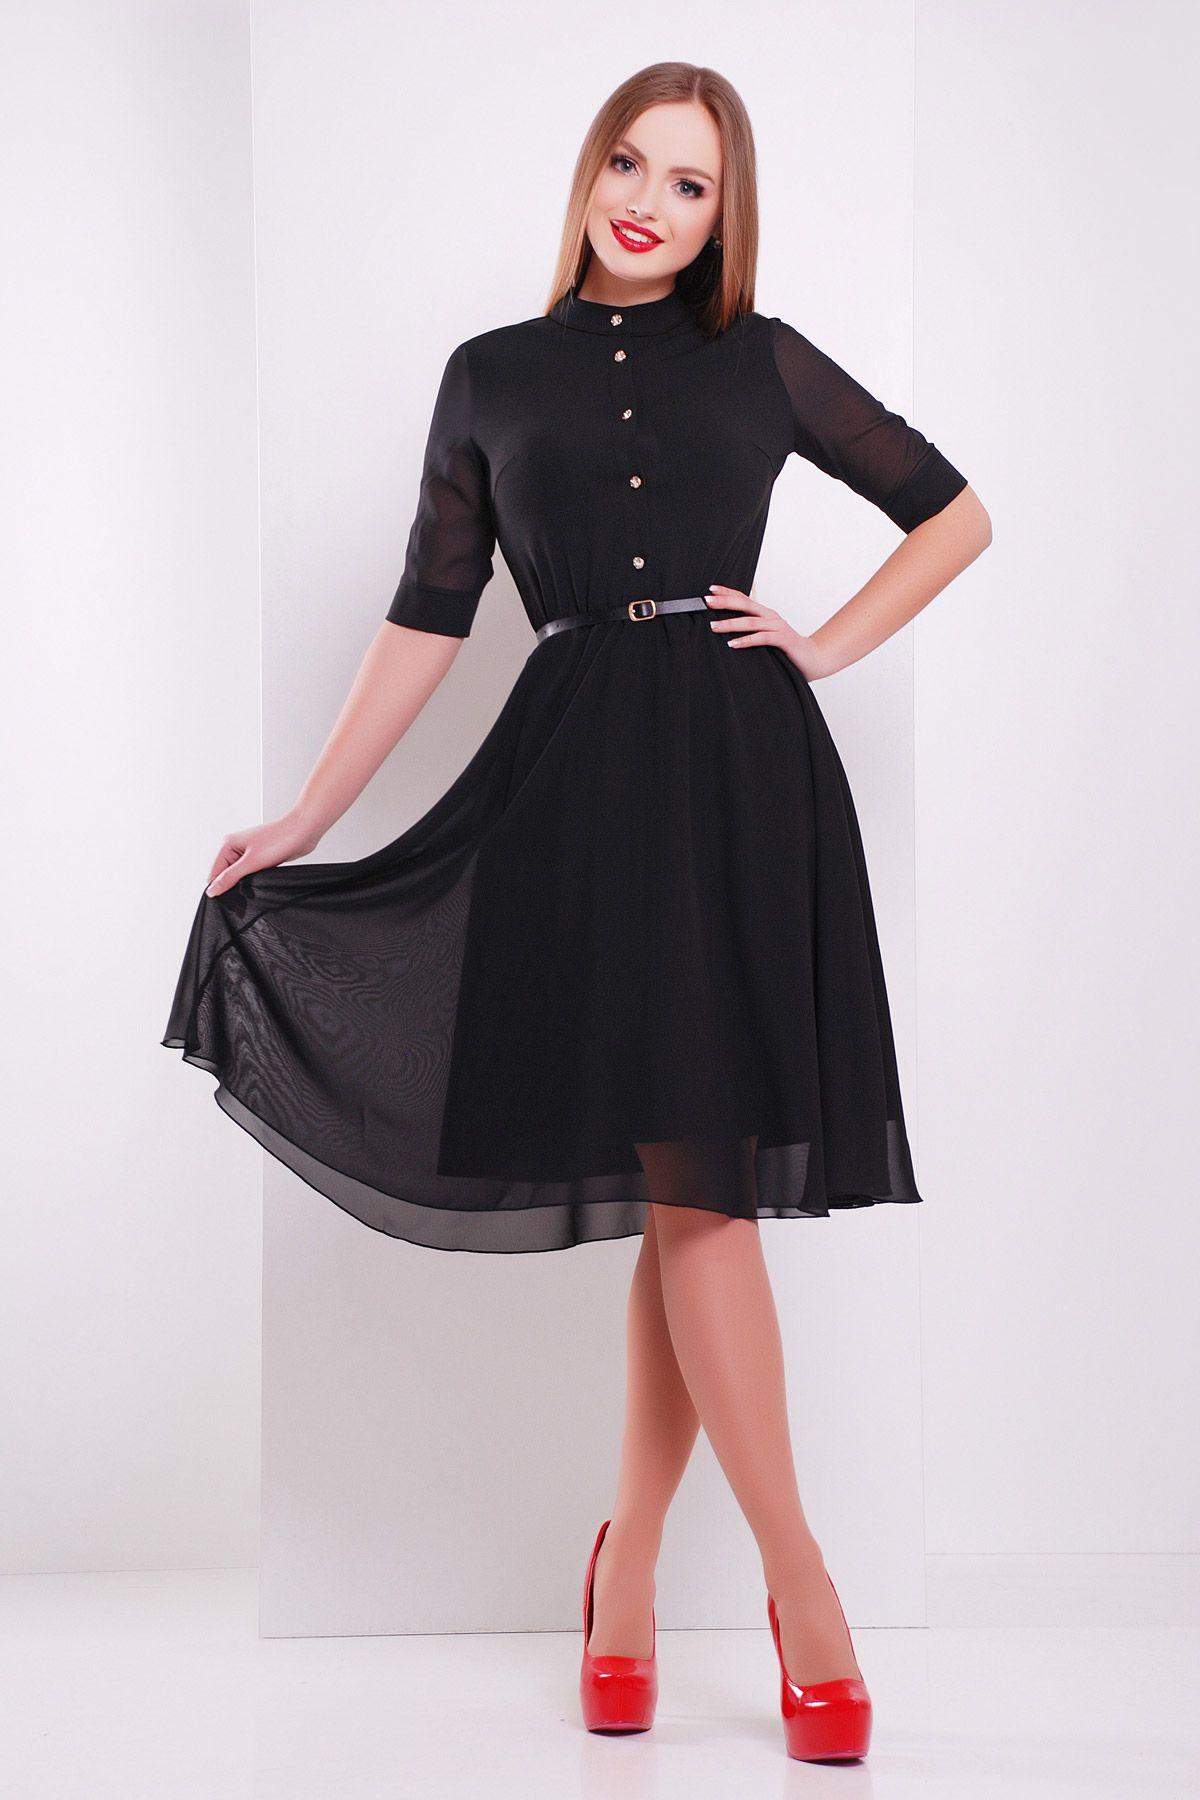 3765ce6ed13 Черное платье на весну-лето с юбкой солнце. платье Лавена к р. Цвет  черный